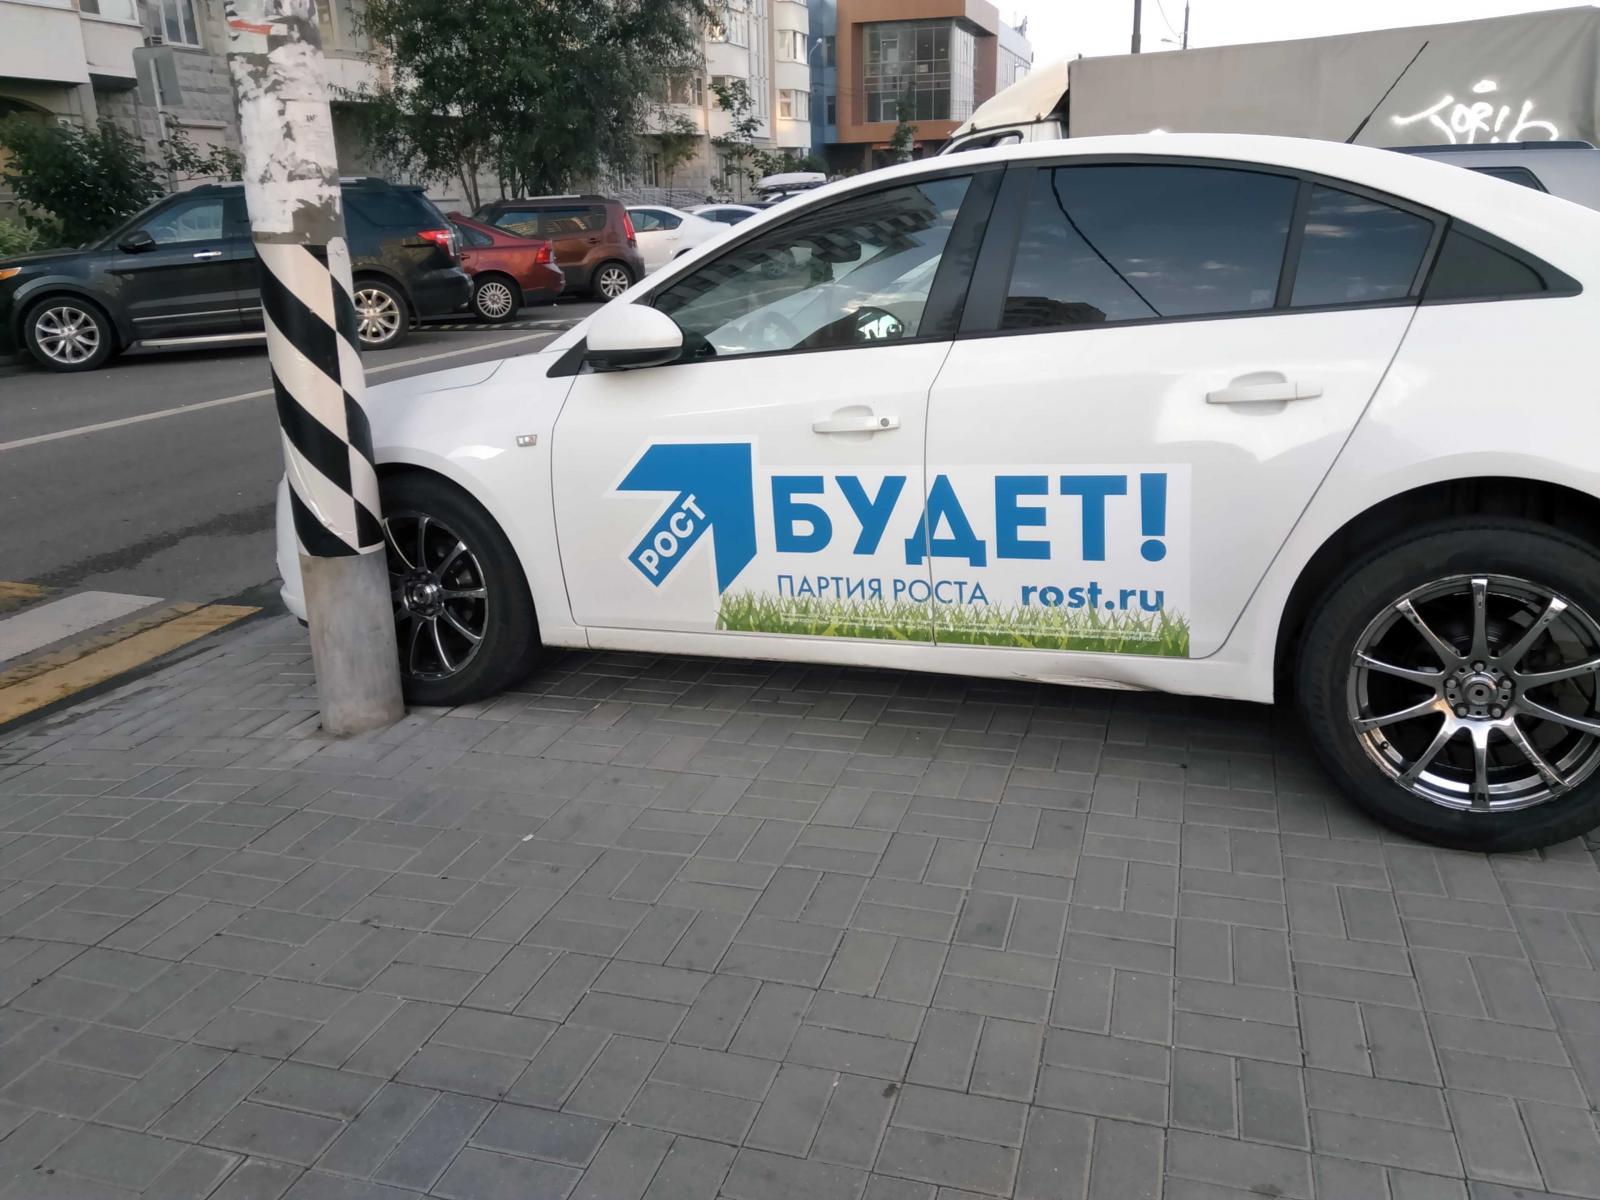 Авто партии Рост на бульваре 1.jpg